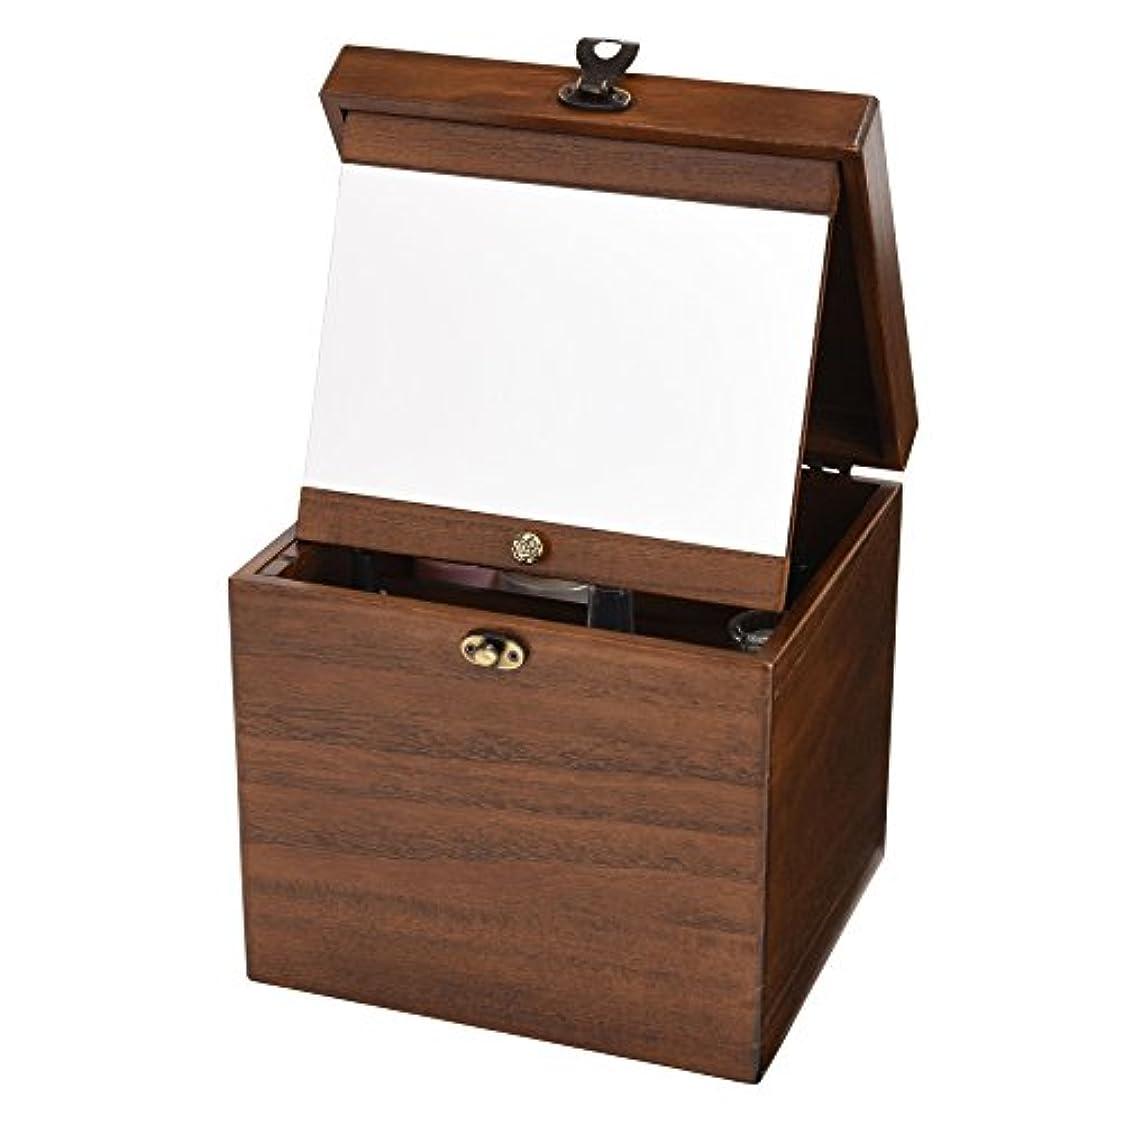 ひねりフレッシュ分解する木製コスメボックス 収納 鏡付き 持ち運び 化粧ボックス メイクボックス 日本製